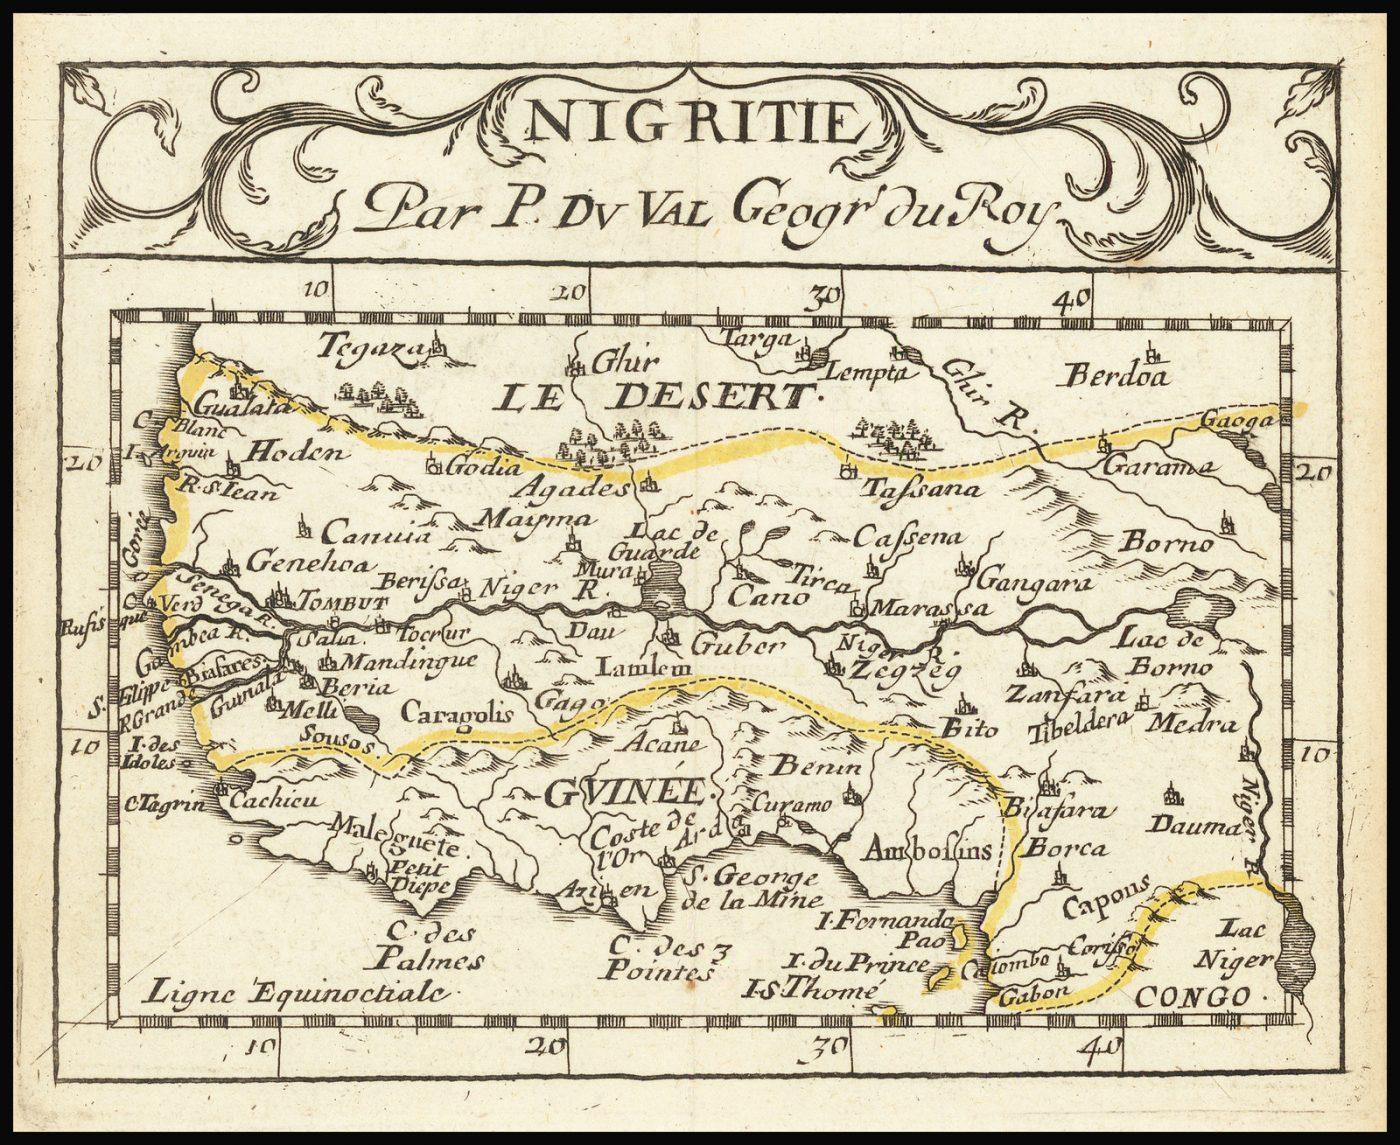 Старинная карта Африки работы Дю Валя, сделанная в 1676 году